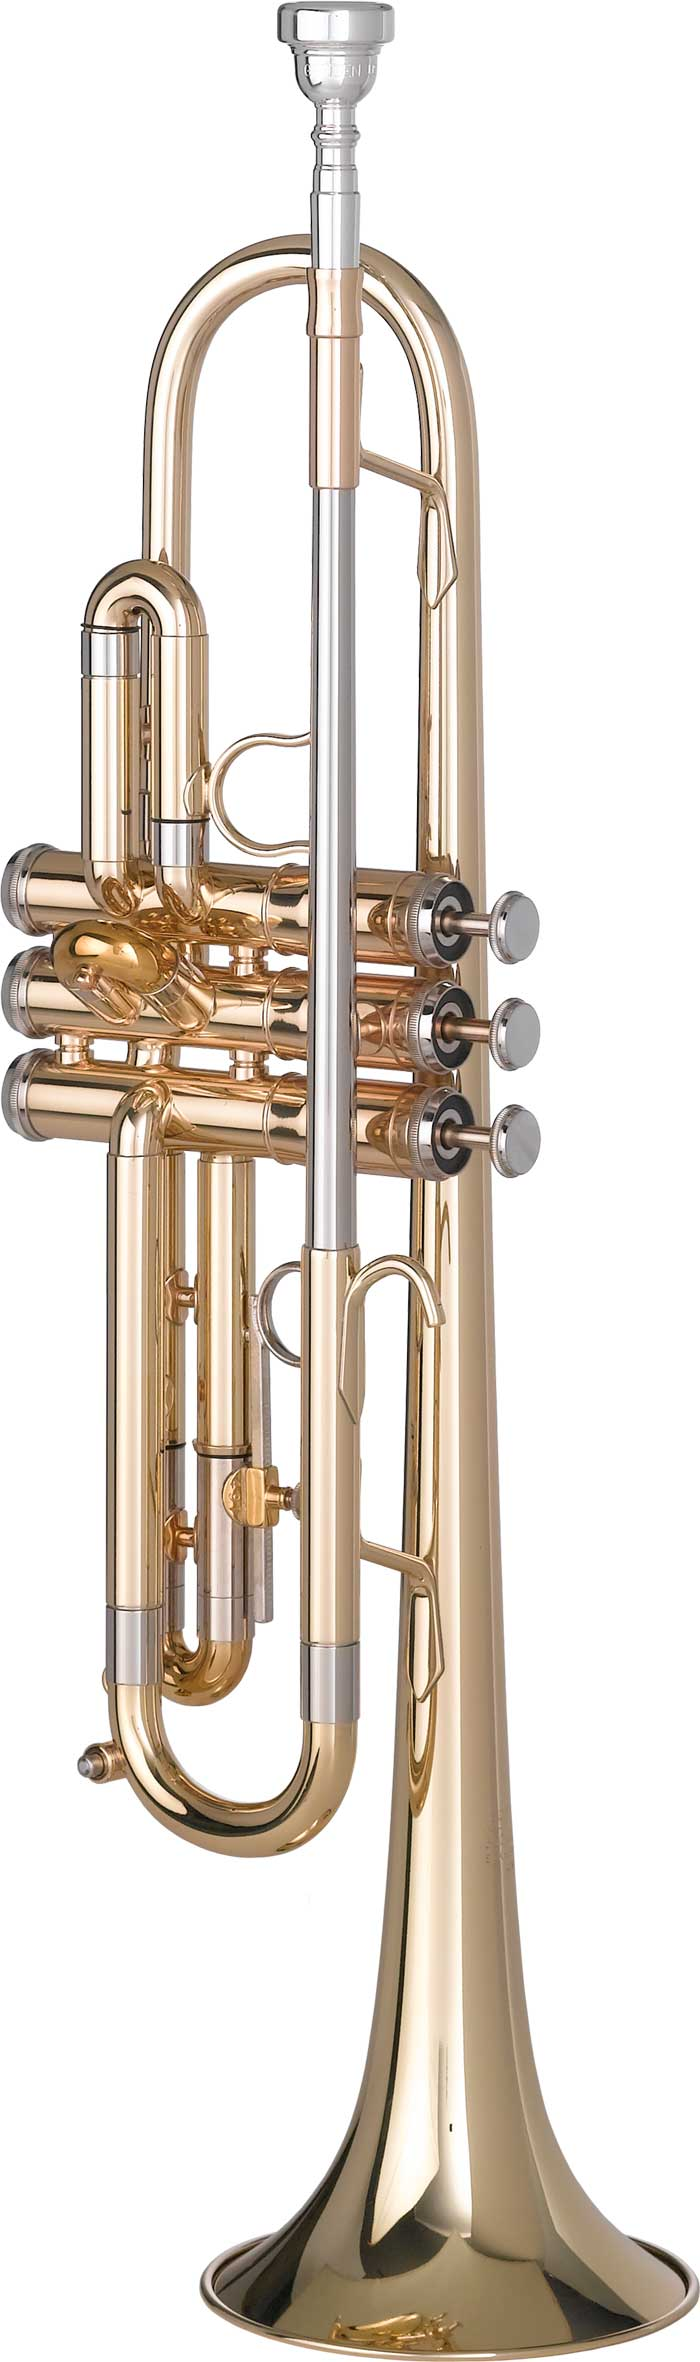 Getzen 390 Bb Trumpet